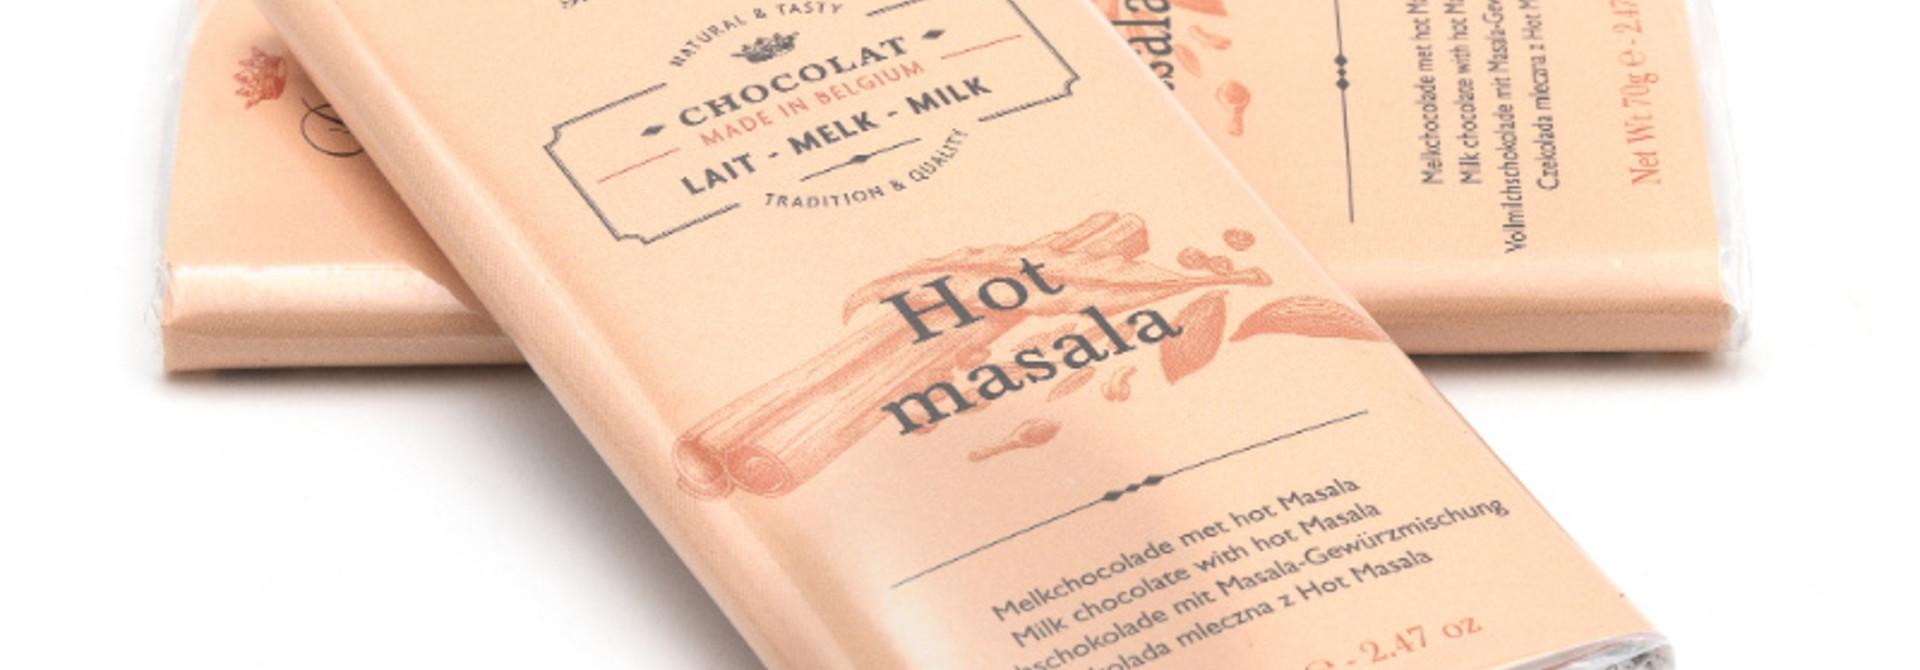 Dolfin milk chocolate (hot masala)